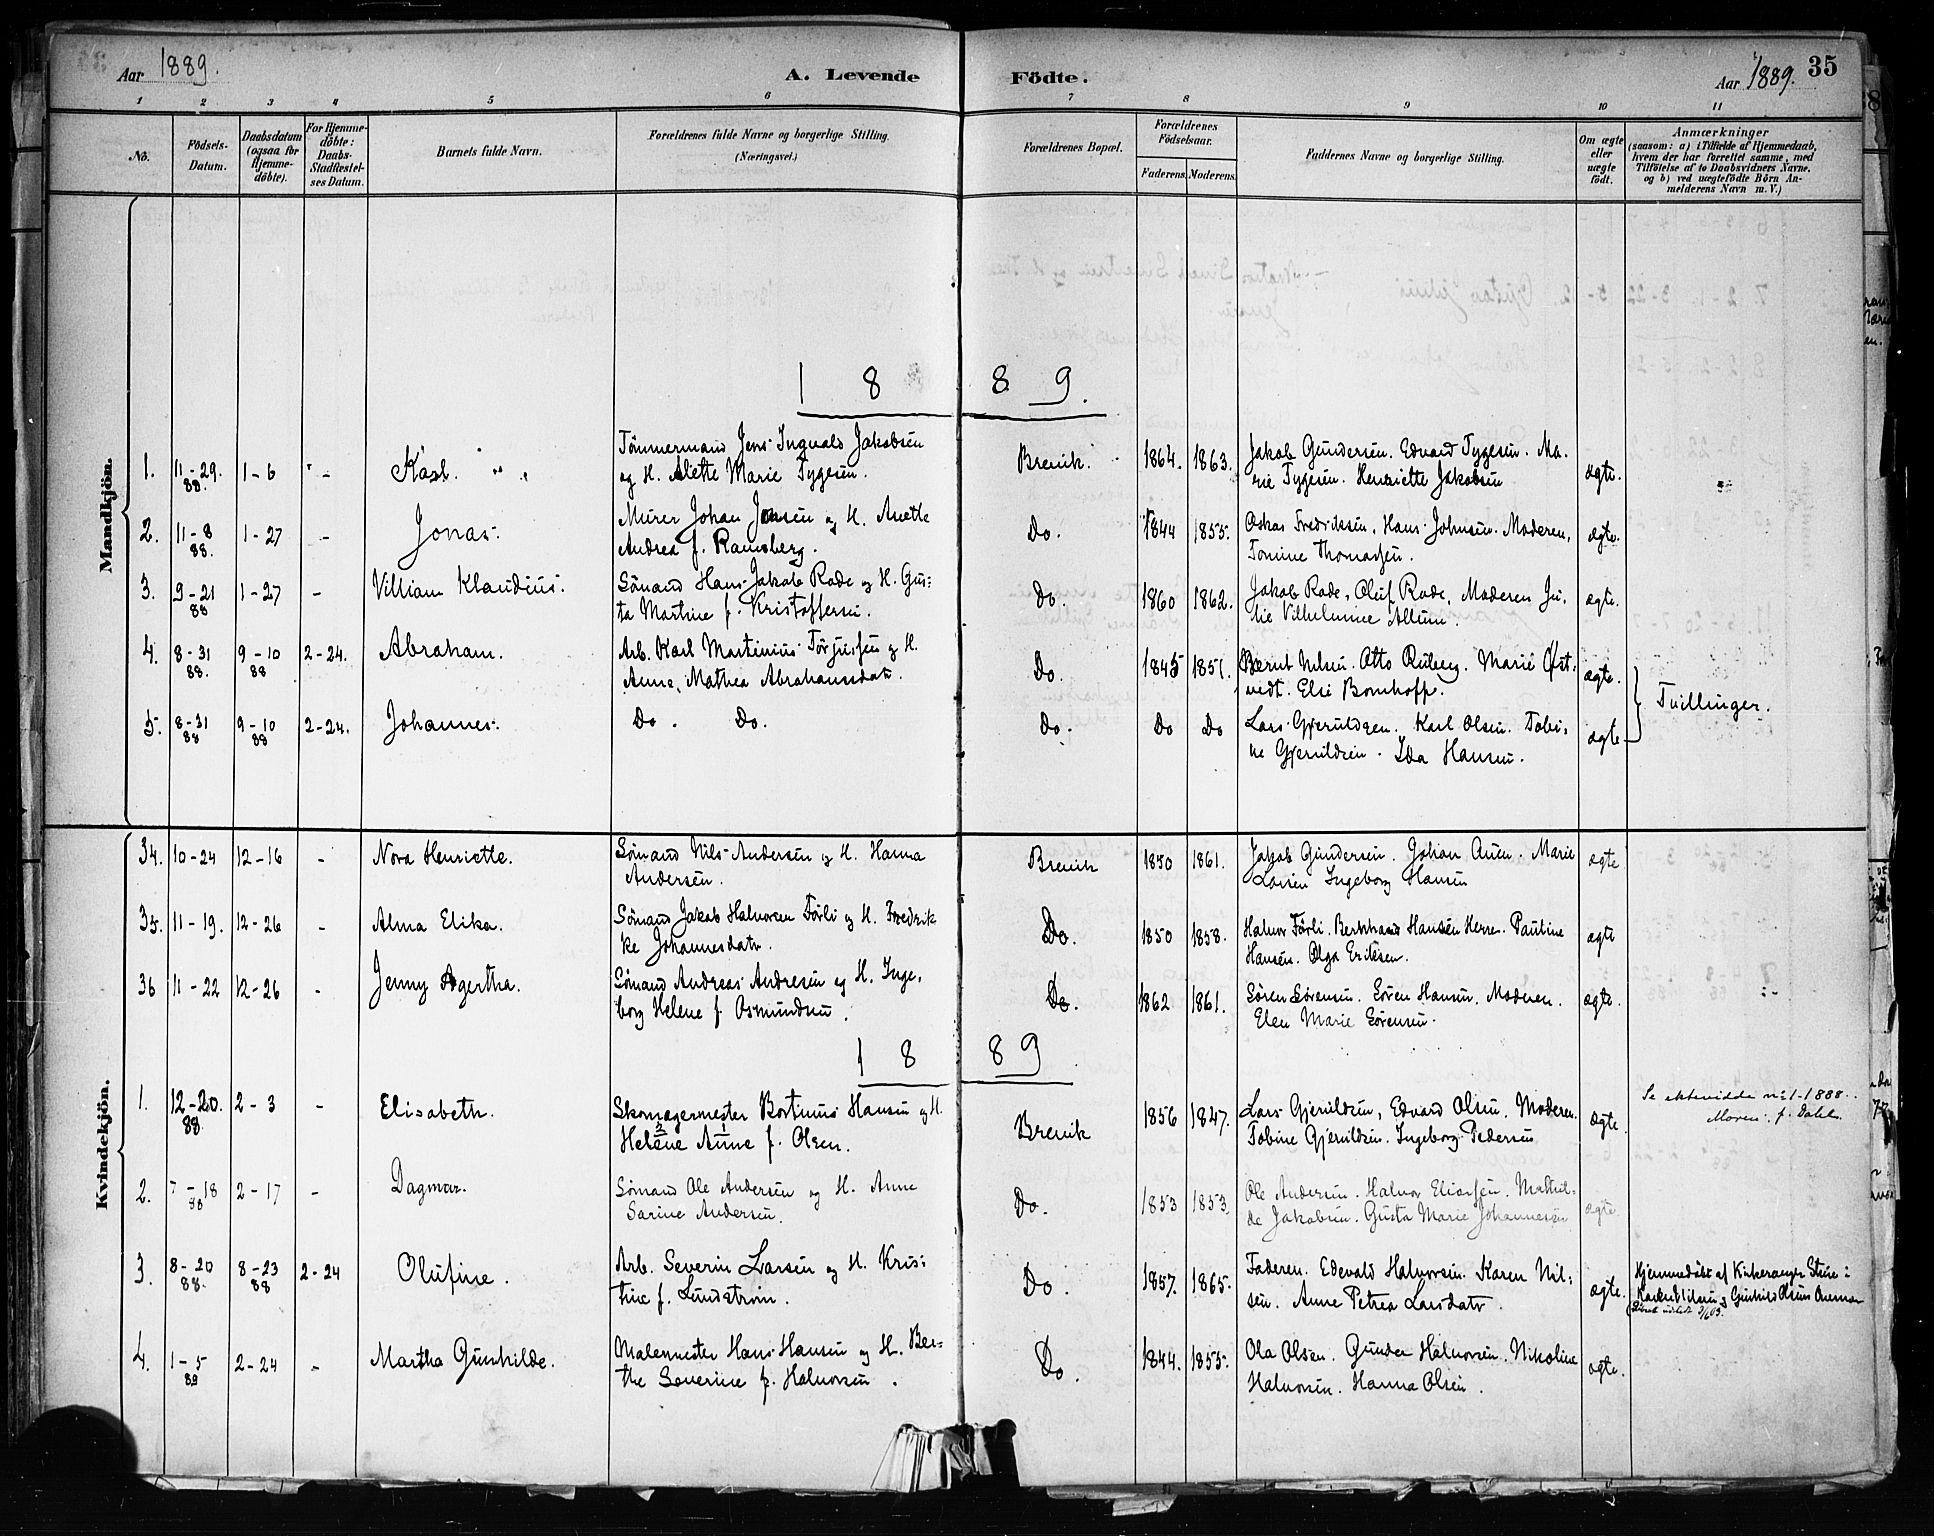 SAKO, Brevik kirkebøker, F/Fa/L0007: Ministerialbok nr. 7, 1882-1900, s. 35